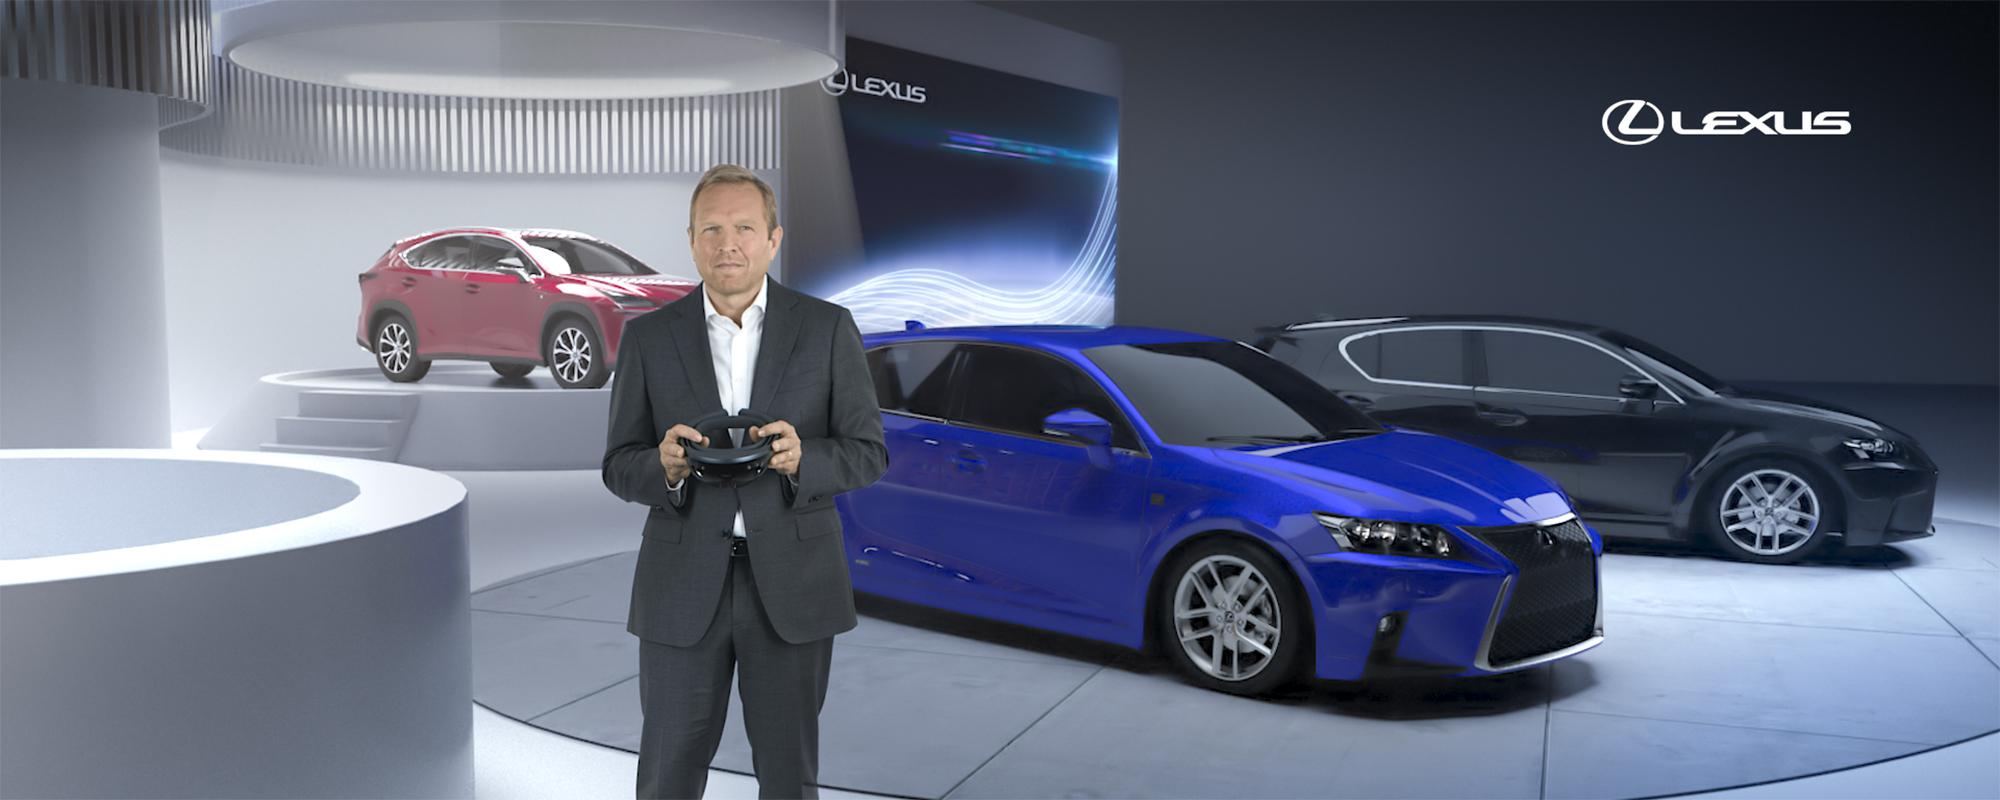 Lexus persconferentie on demand op IAA Frankfurt Motor Show